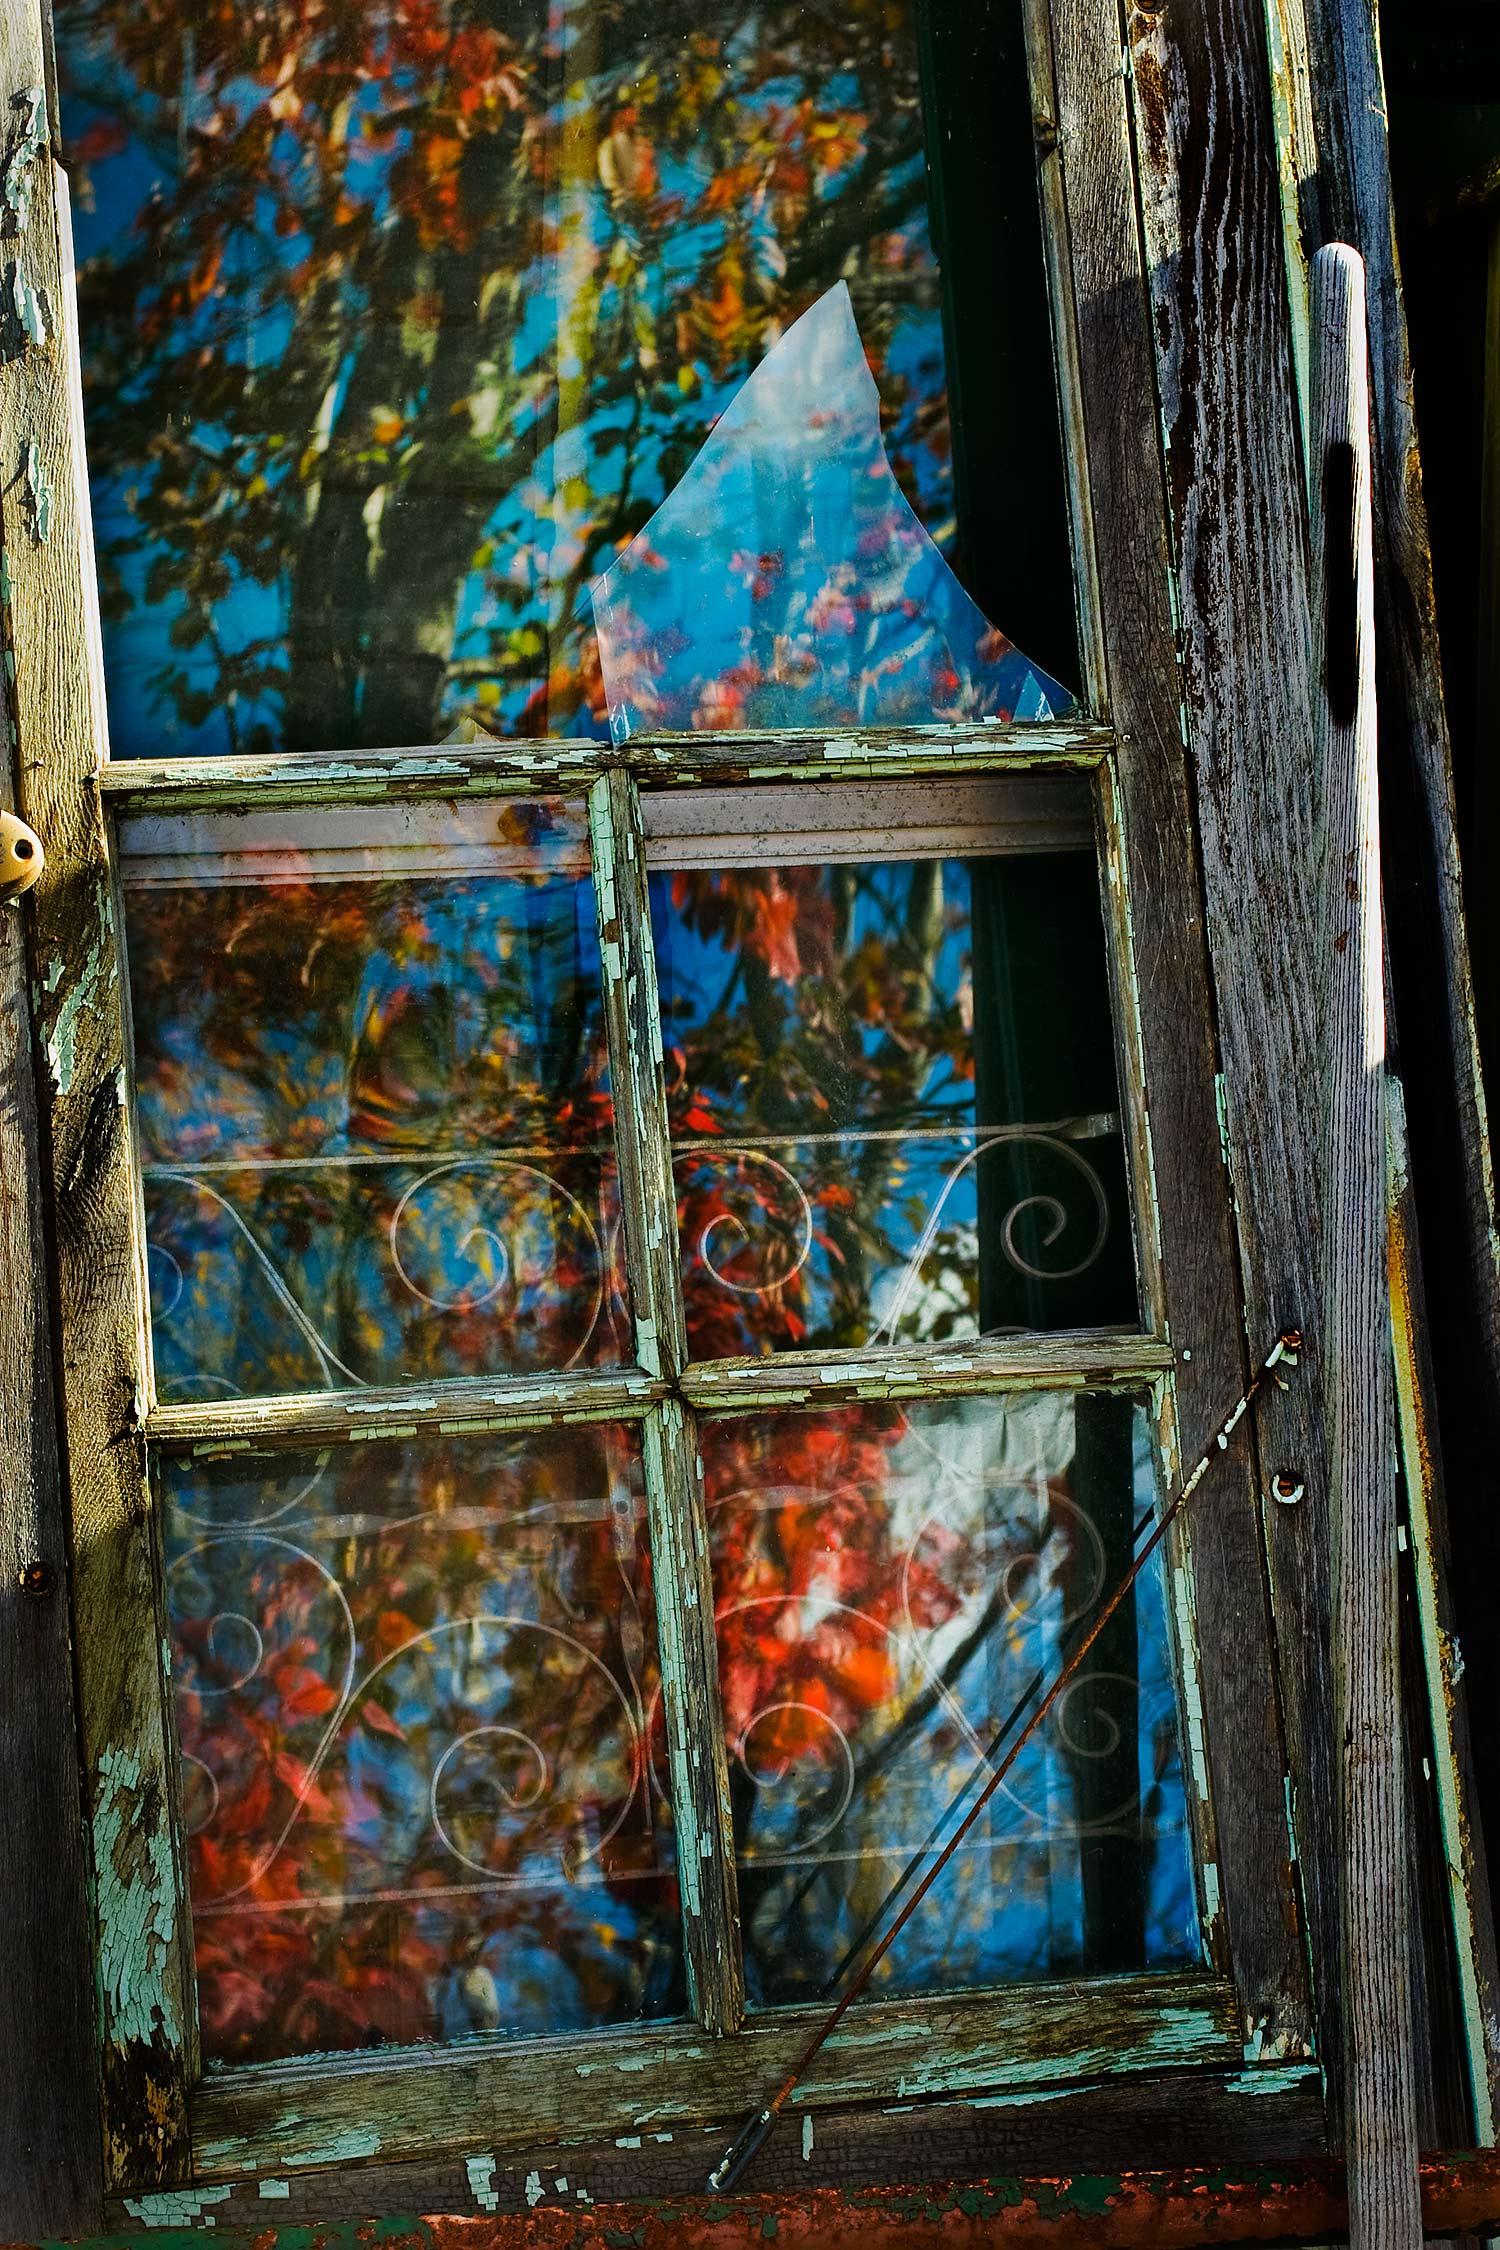 Door and Broken Glass, Bar Harbor, Maine, 2008